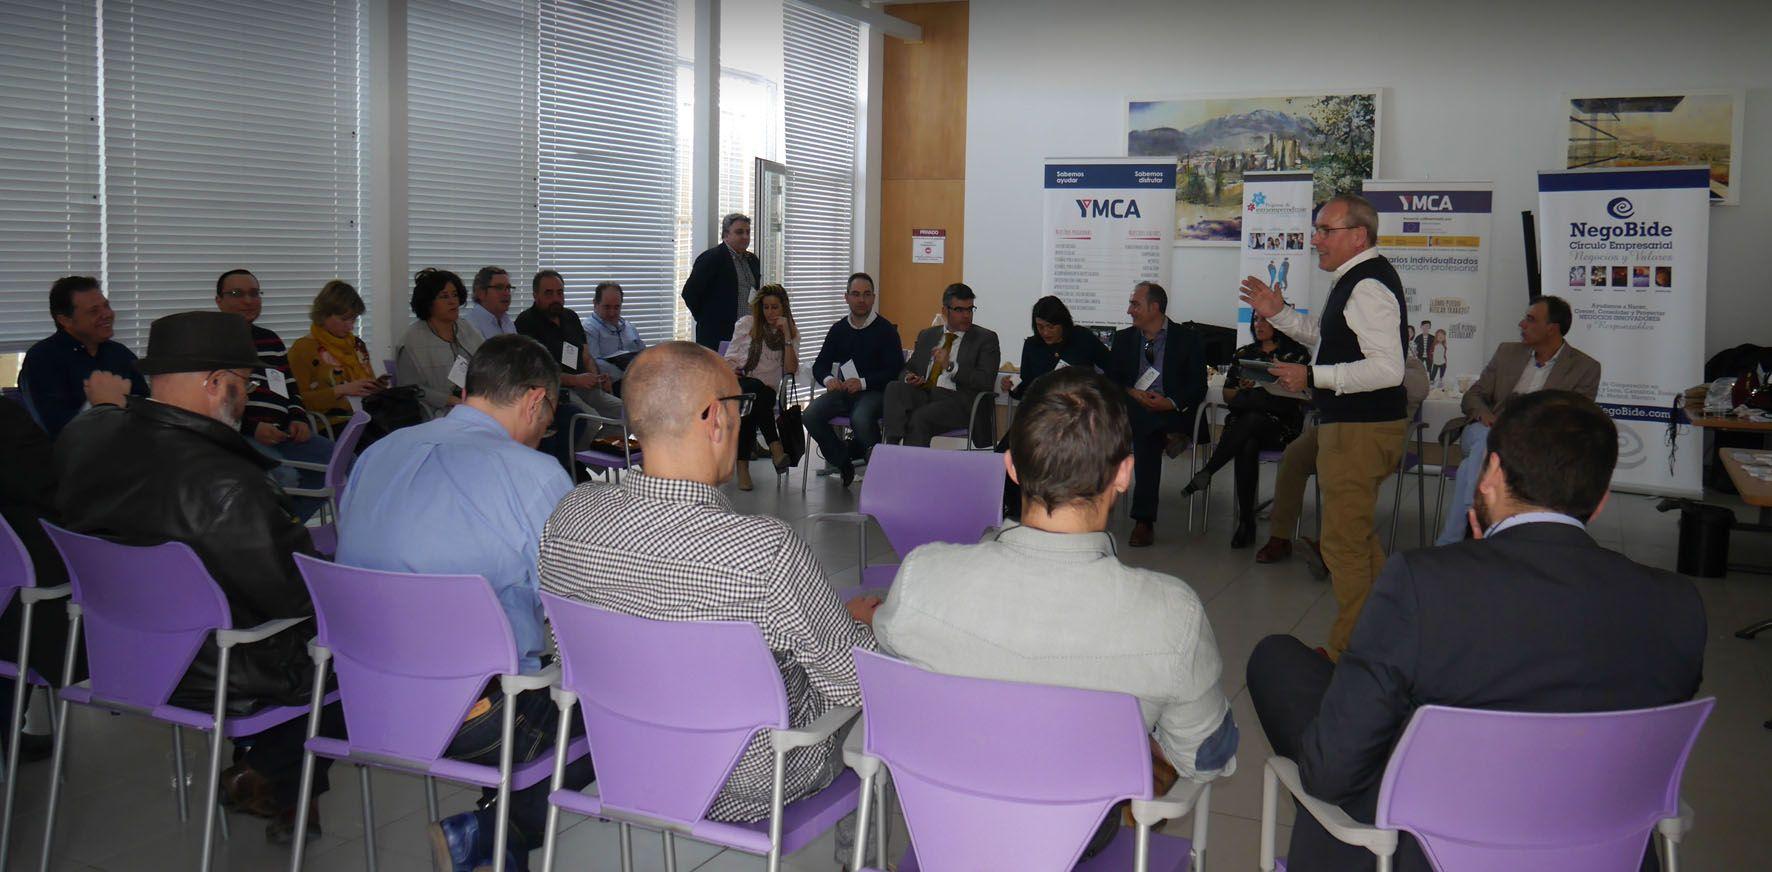 Empresas y personas con inquietudes emprendedoras, unen esfuerzos para salir adelante: ?intraEmprendizaje?